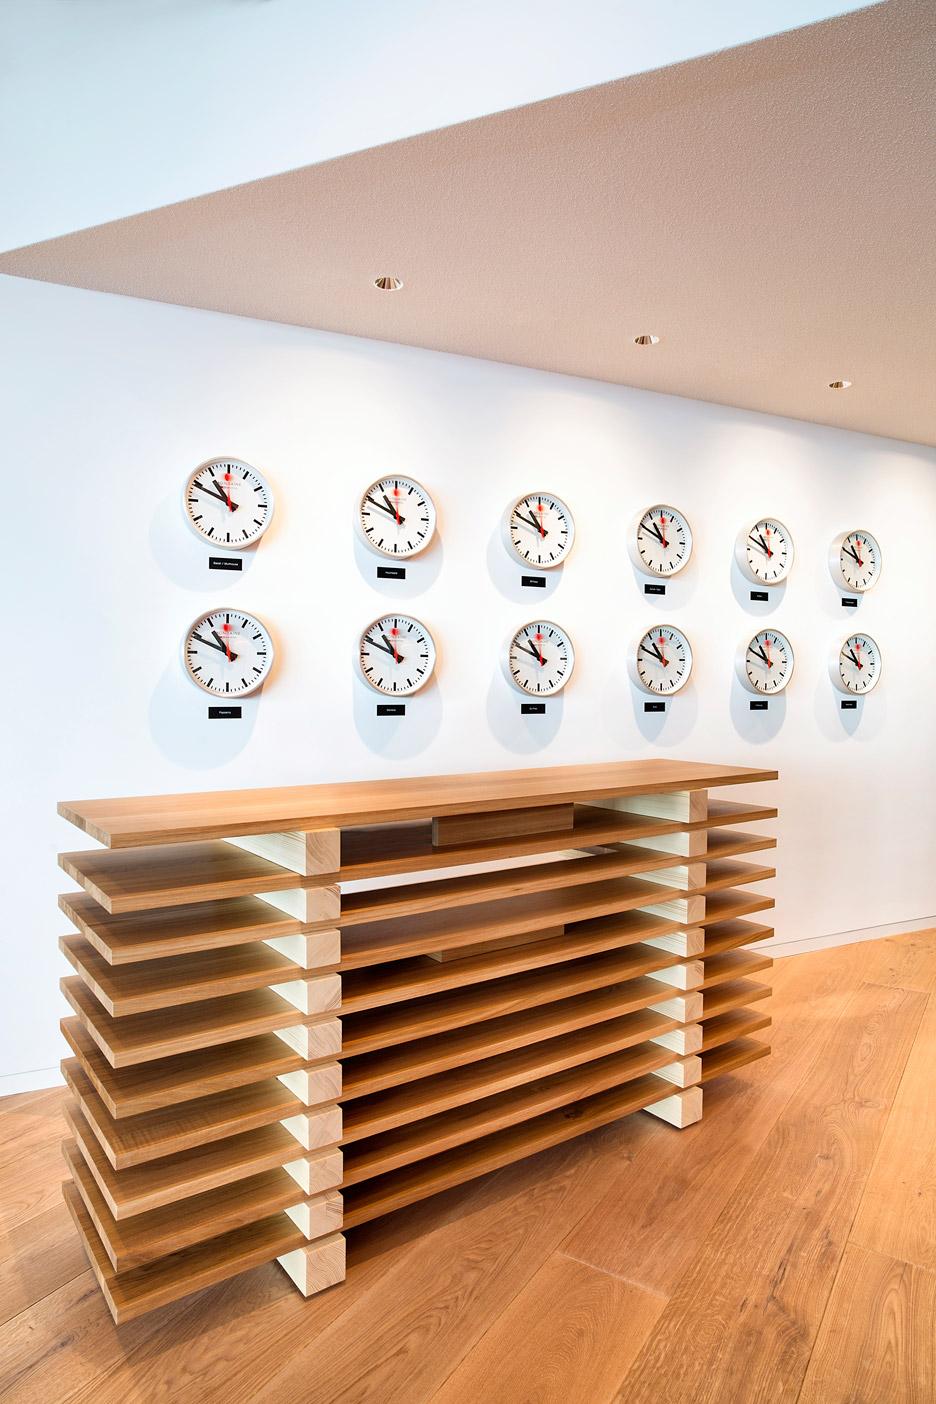 architecture_saltz_restaurant_the_dolder_grand_design_studia_interiors_osnovadesign_osnova_poltava_11